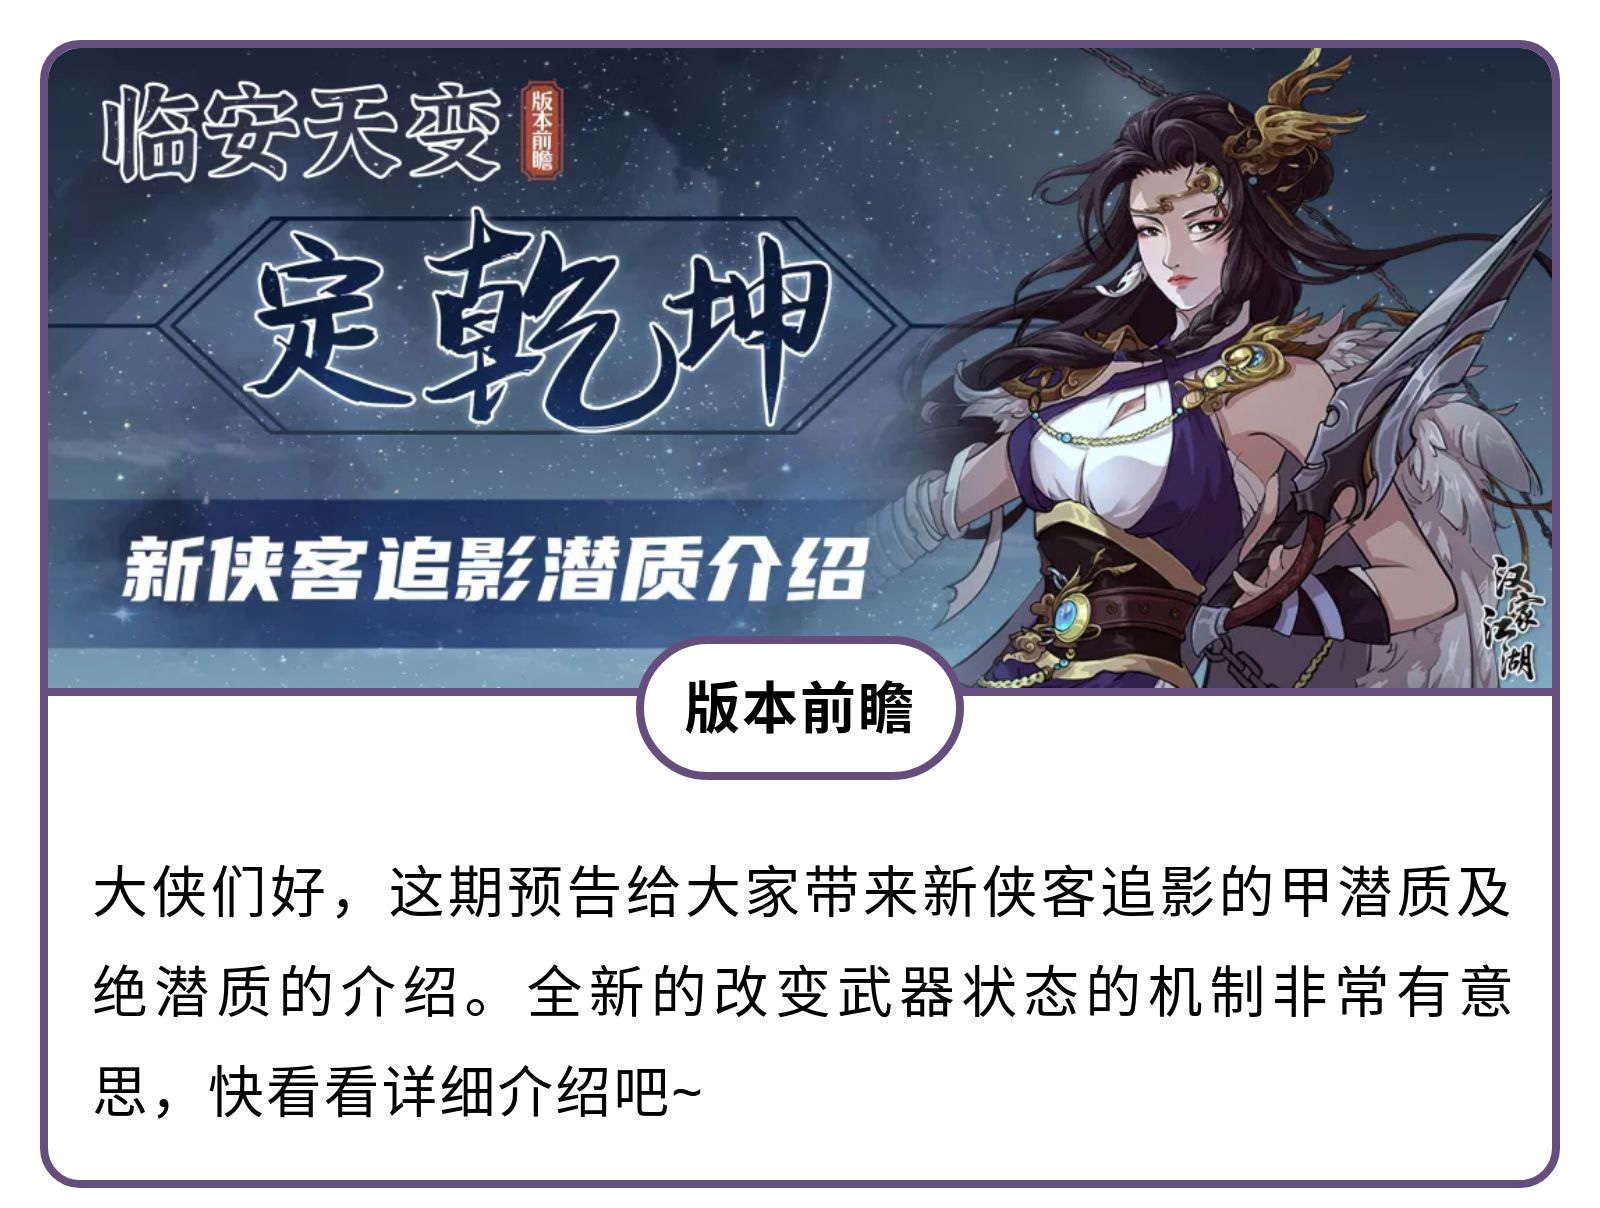 【汉家江湖】1.2.13版本前瞻 | 新侠客追影潜质介绍